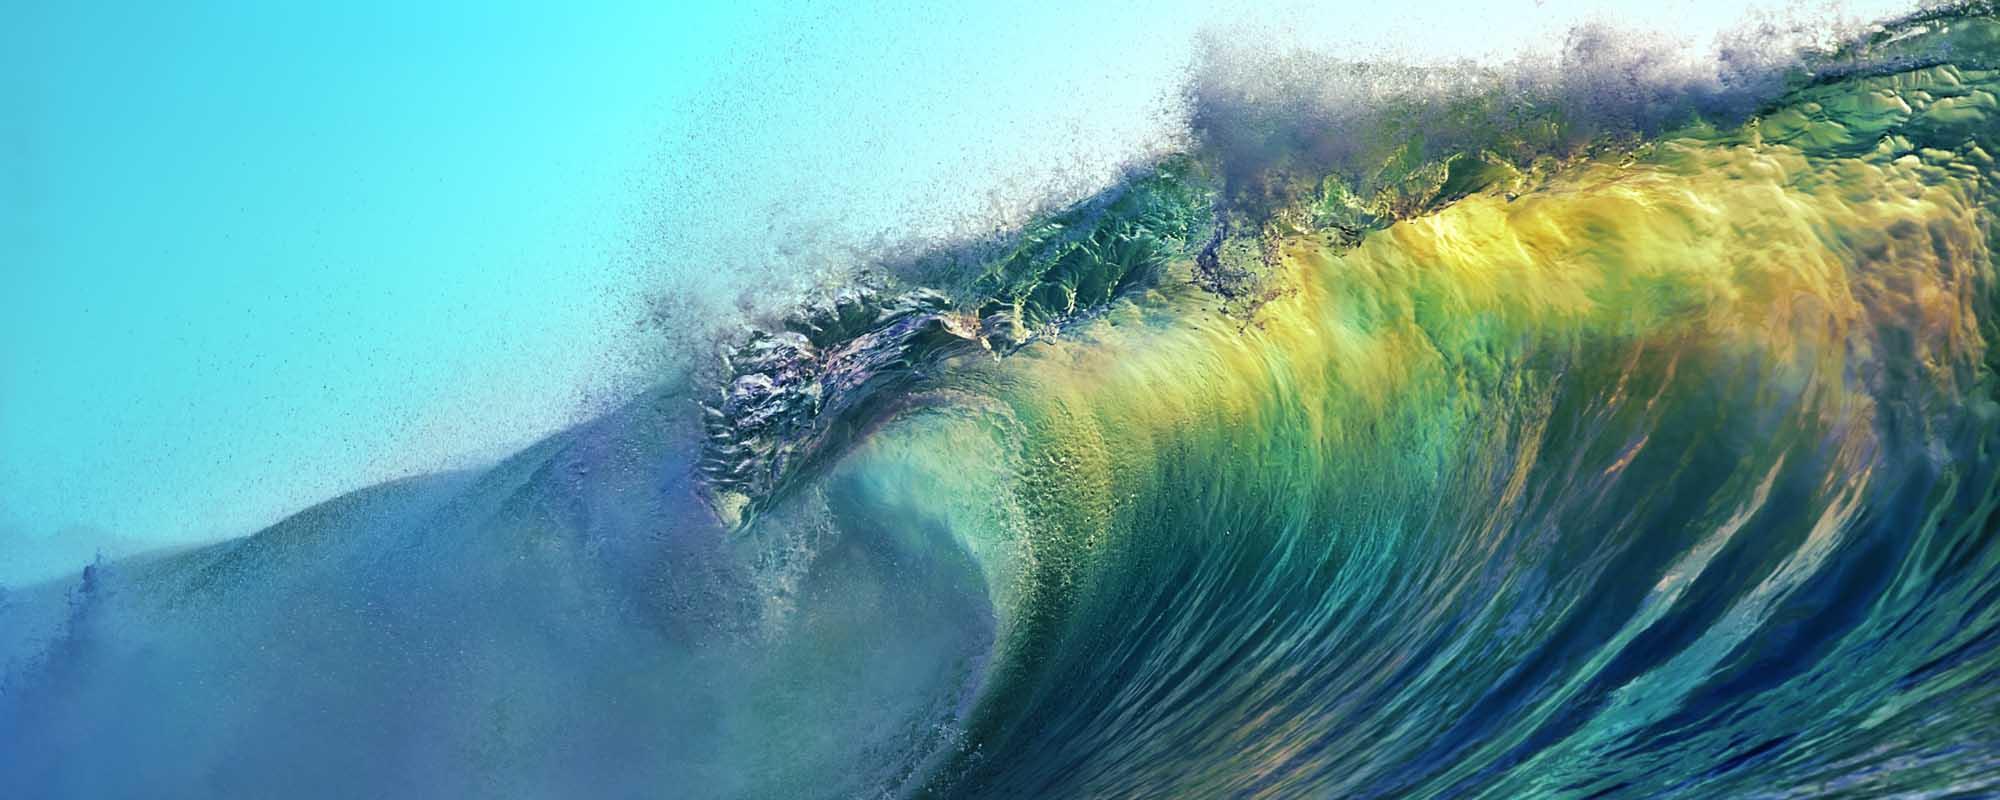 Hawaii Web Design Wave